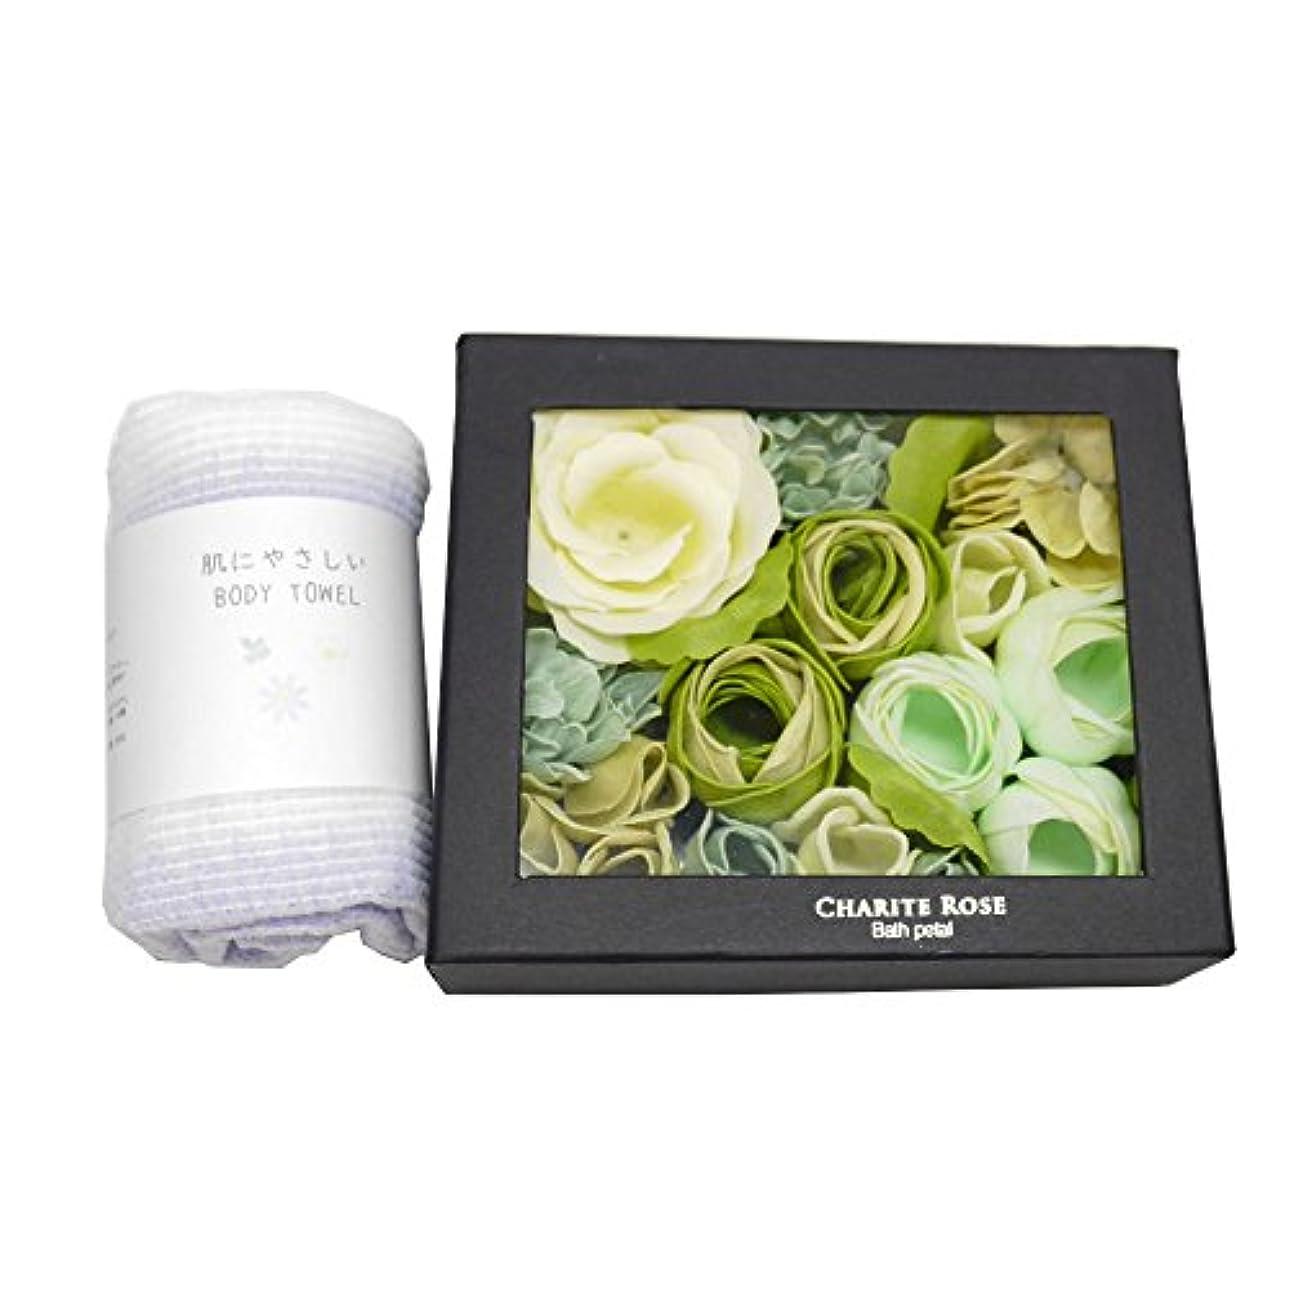 省略するイソギンチャクイノセンスローズ バスペタル タイディローズ グリーン 緑 ボディタオル セット/バラ お花 入浴剤 母の日 お祝い 記念日 贈り物 プレゼント